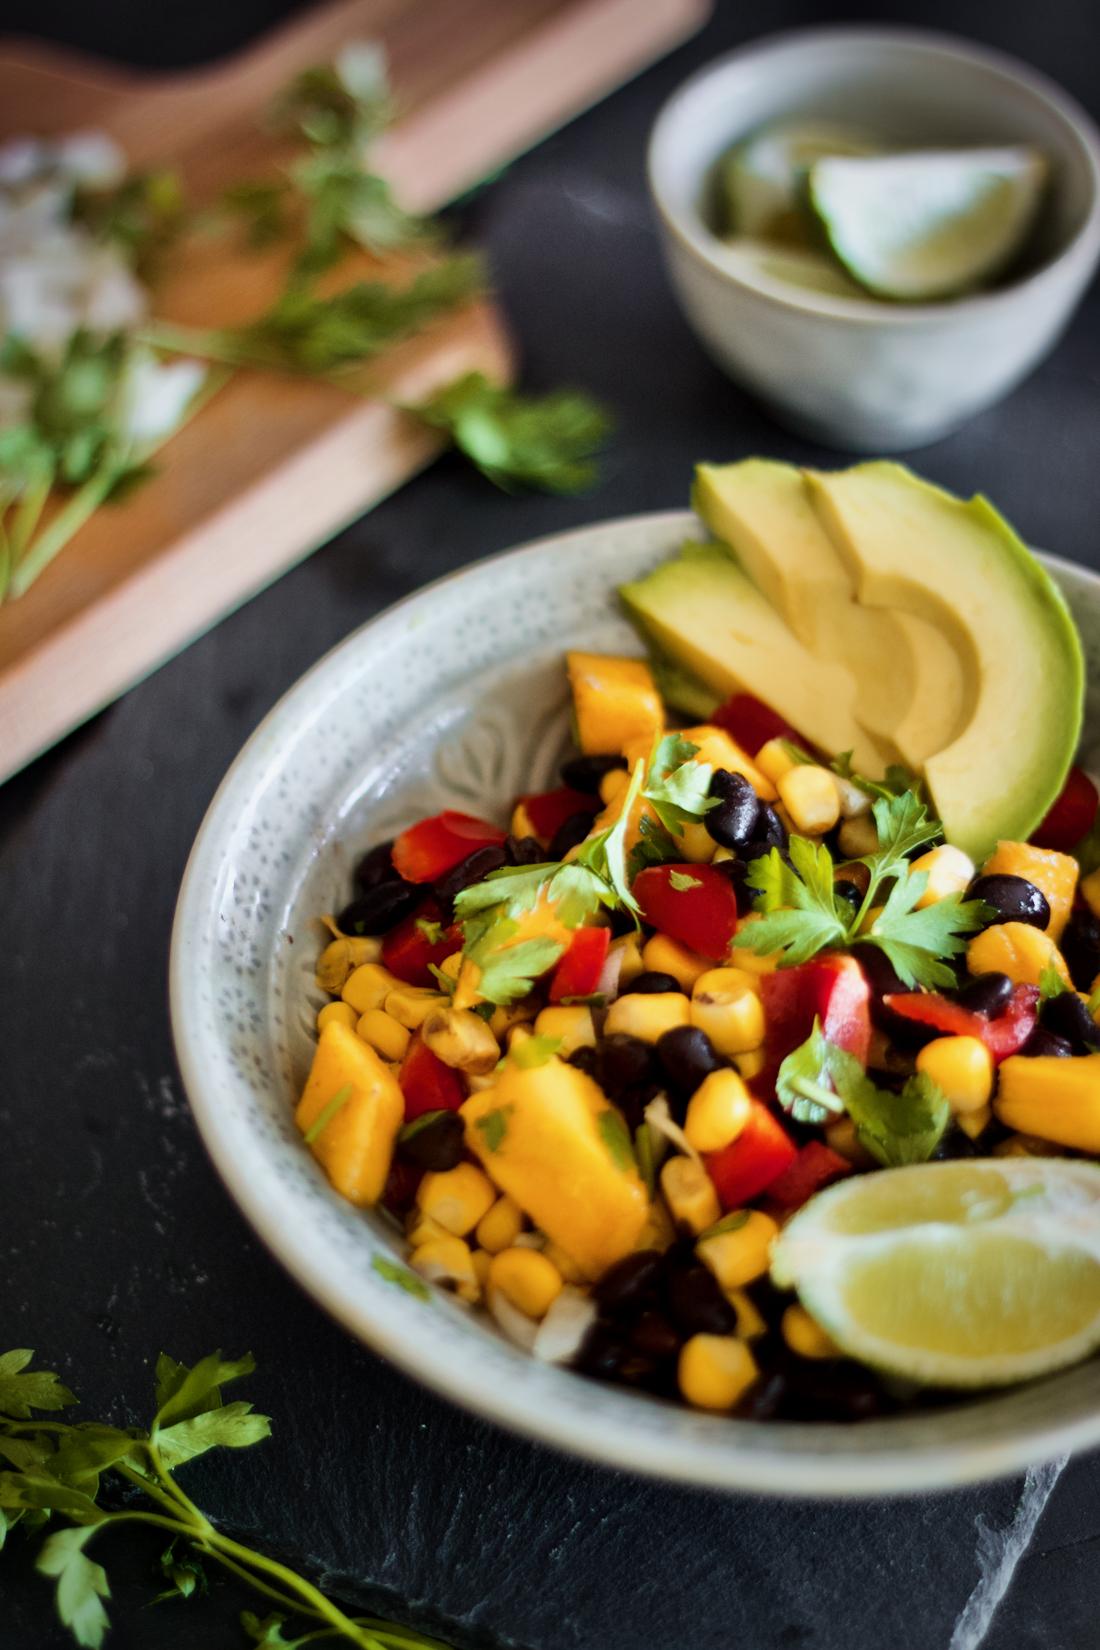 mango-black-bean-salad-salada-mango-milho-feijão-preto-mexicana-1